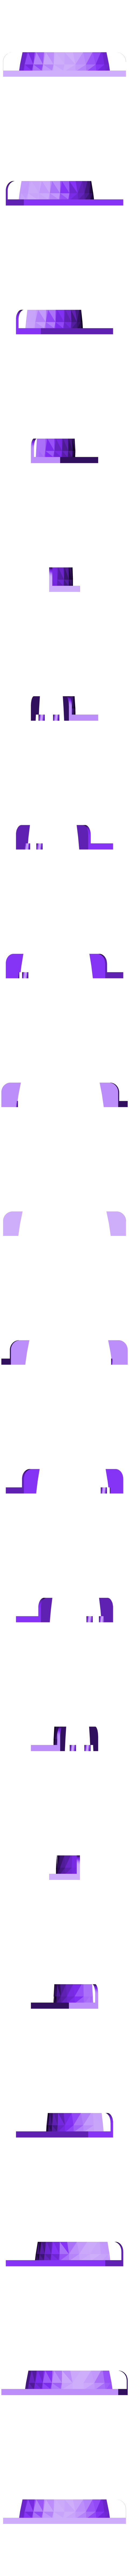 stabd_front.stl Télécharger fichier STL gratuit Voilier à voile • Objet pour impression 3D, Rusichar